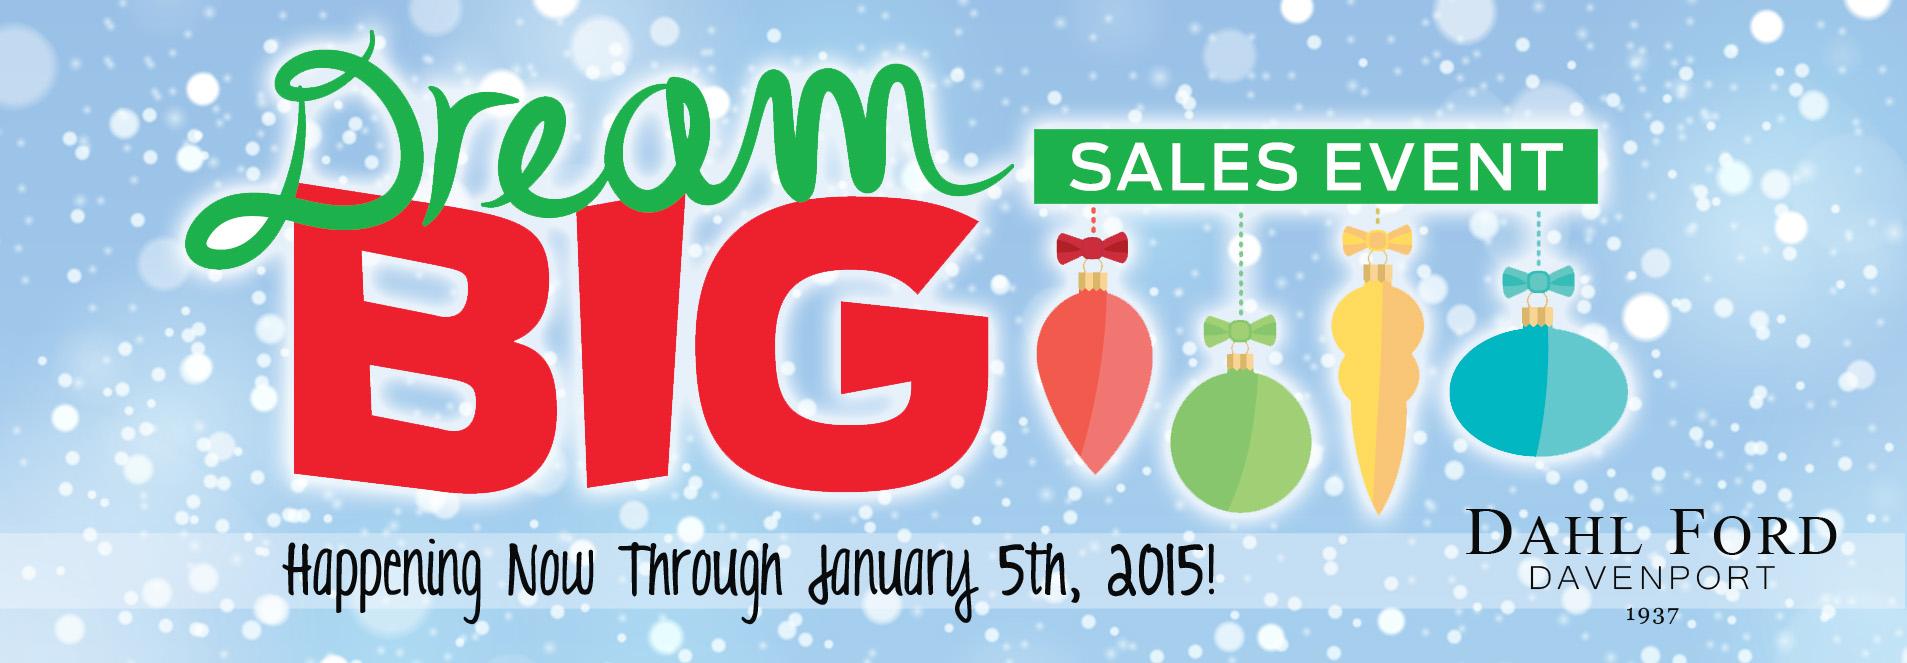 Dream Big Sales Event